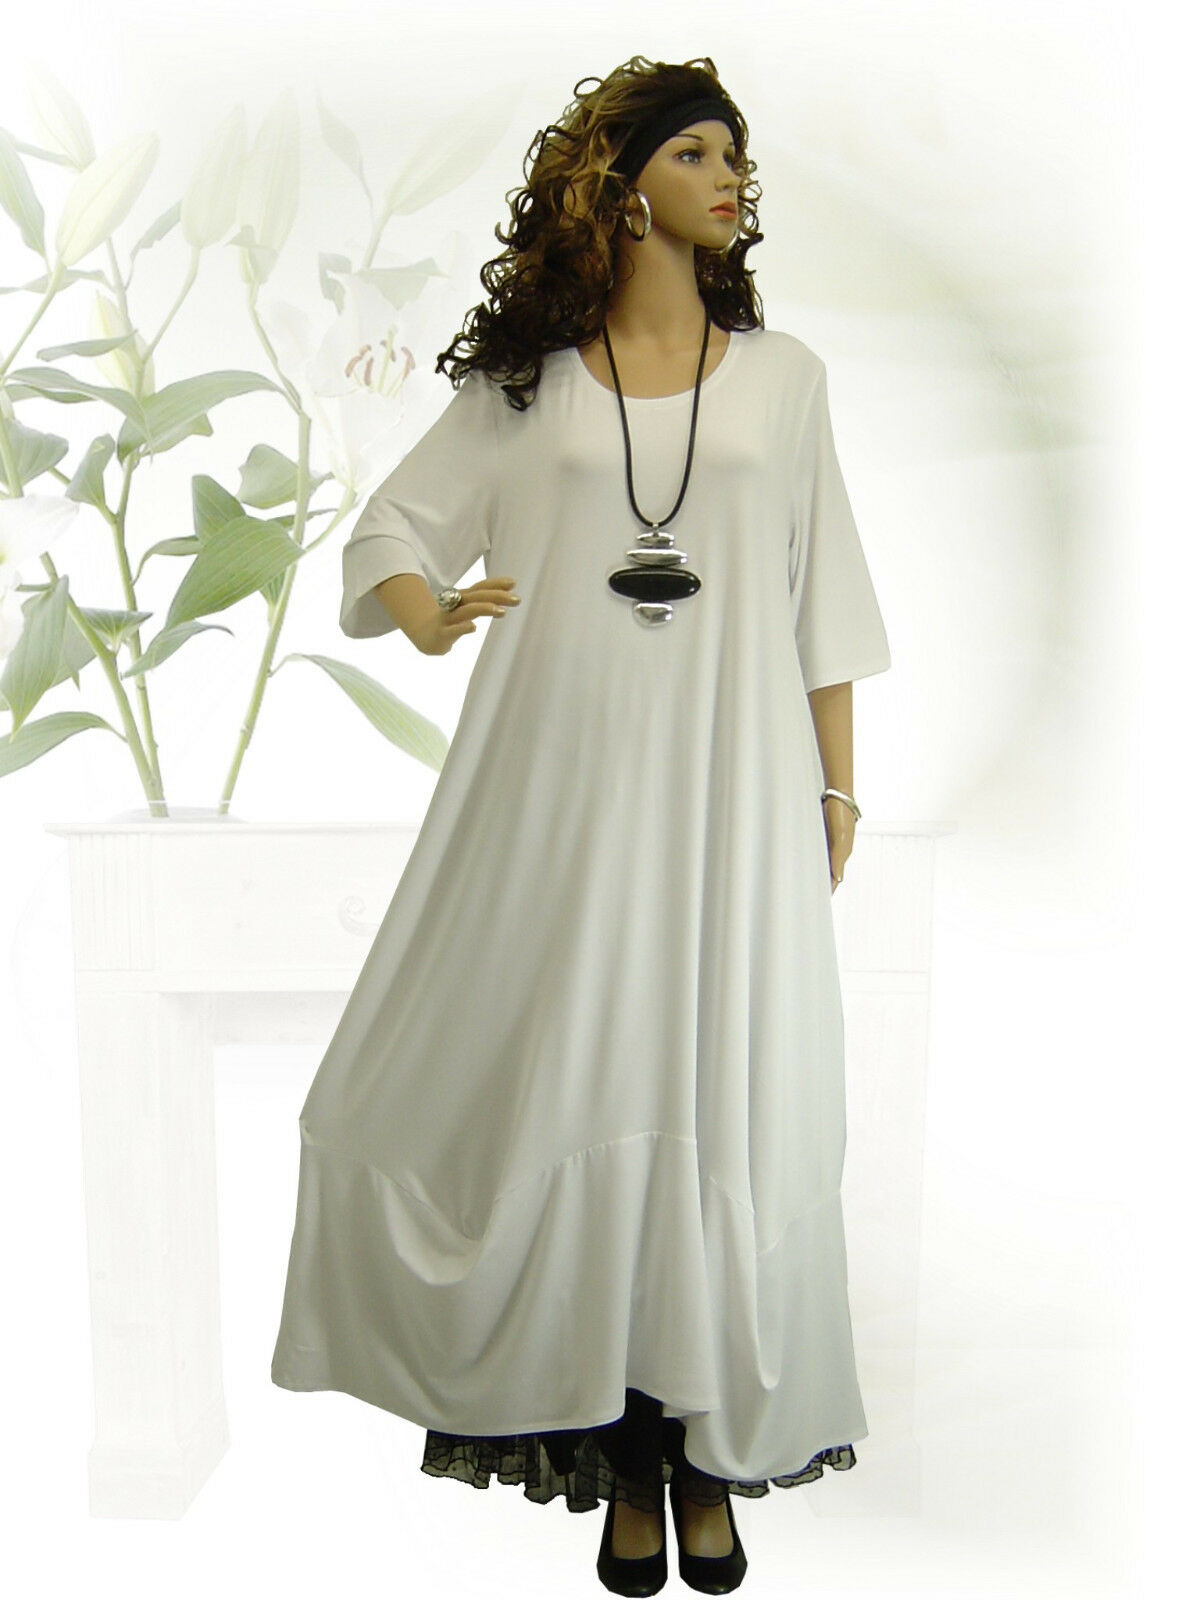 PoCo DeSiGn LAGENLOOK Kleid Ballonkleid weiß L-XL-XXL-XXXL 44 46 48 50 52 54 56